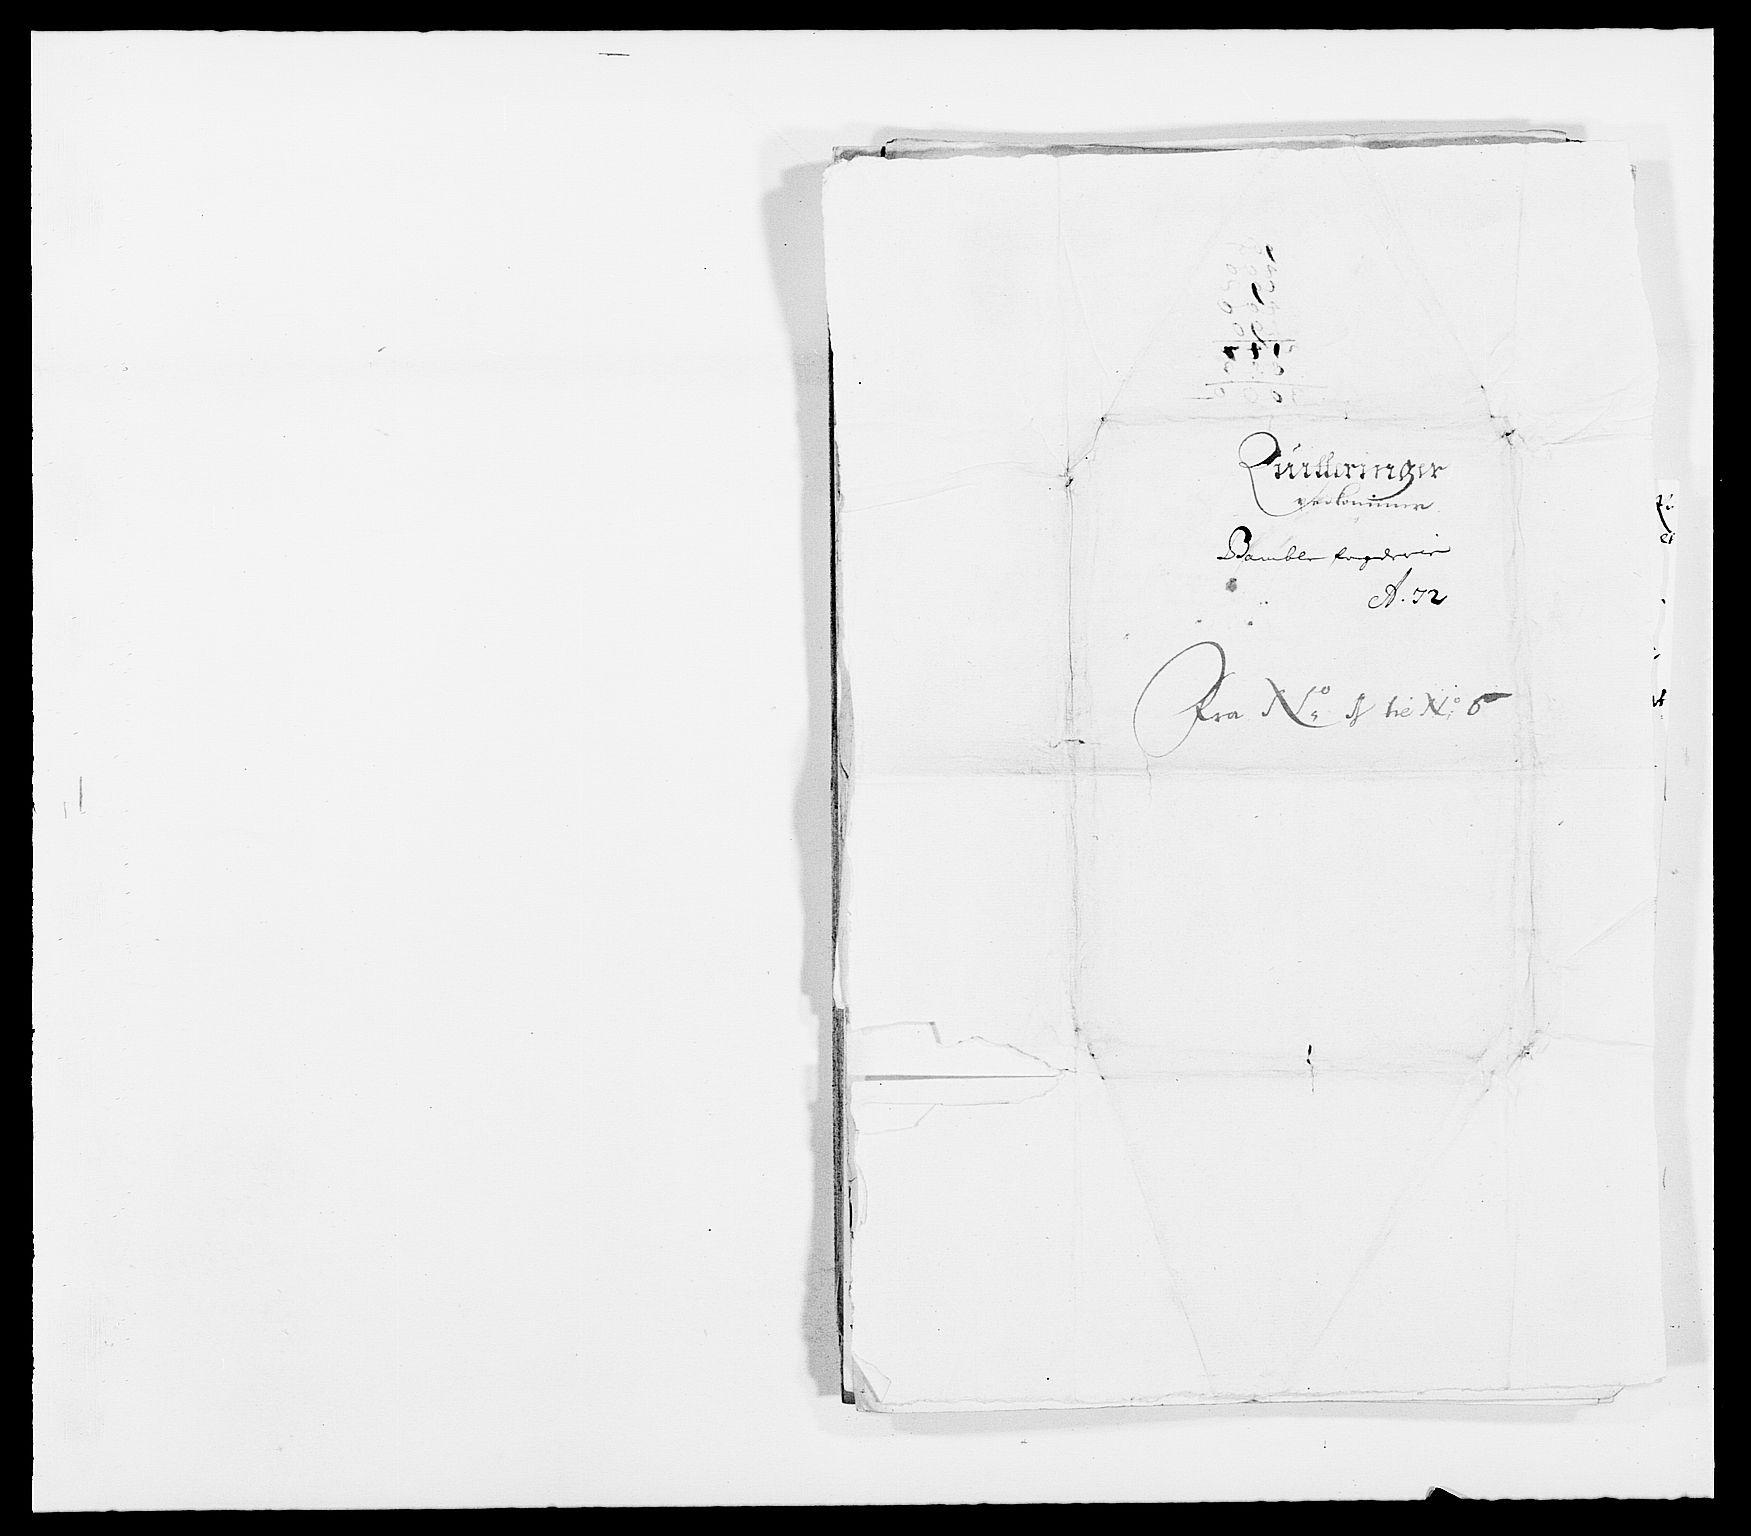 RA, Rentekammeret inntil 1814, Reviderte regnskaper, Fogderegnskap, R34/L2041: Fogderegnskap Bamble, 1670-1672, s. 404